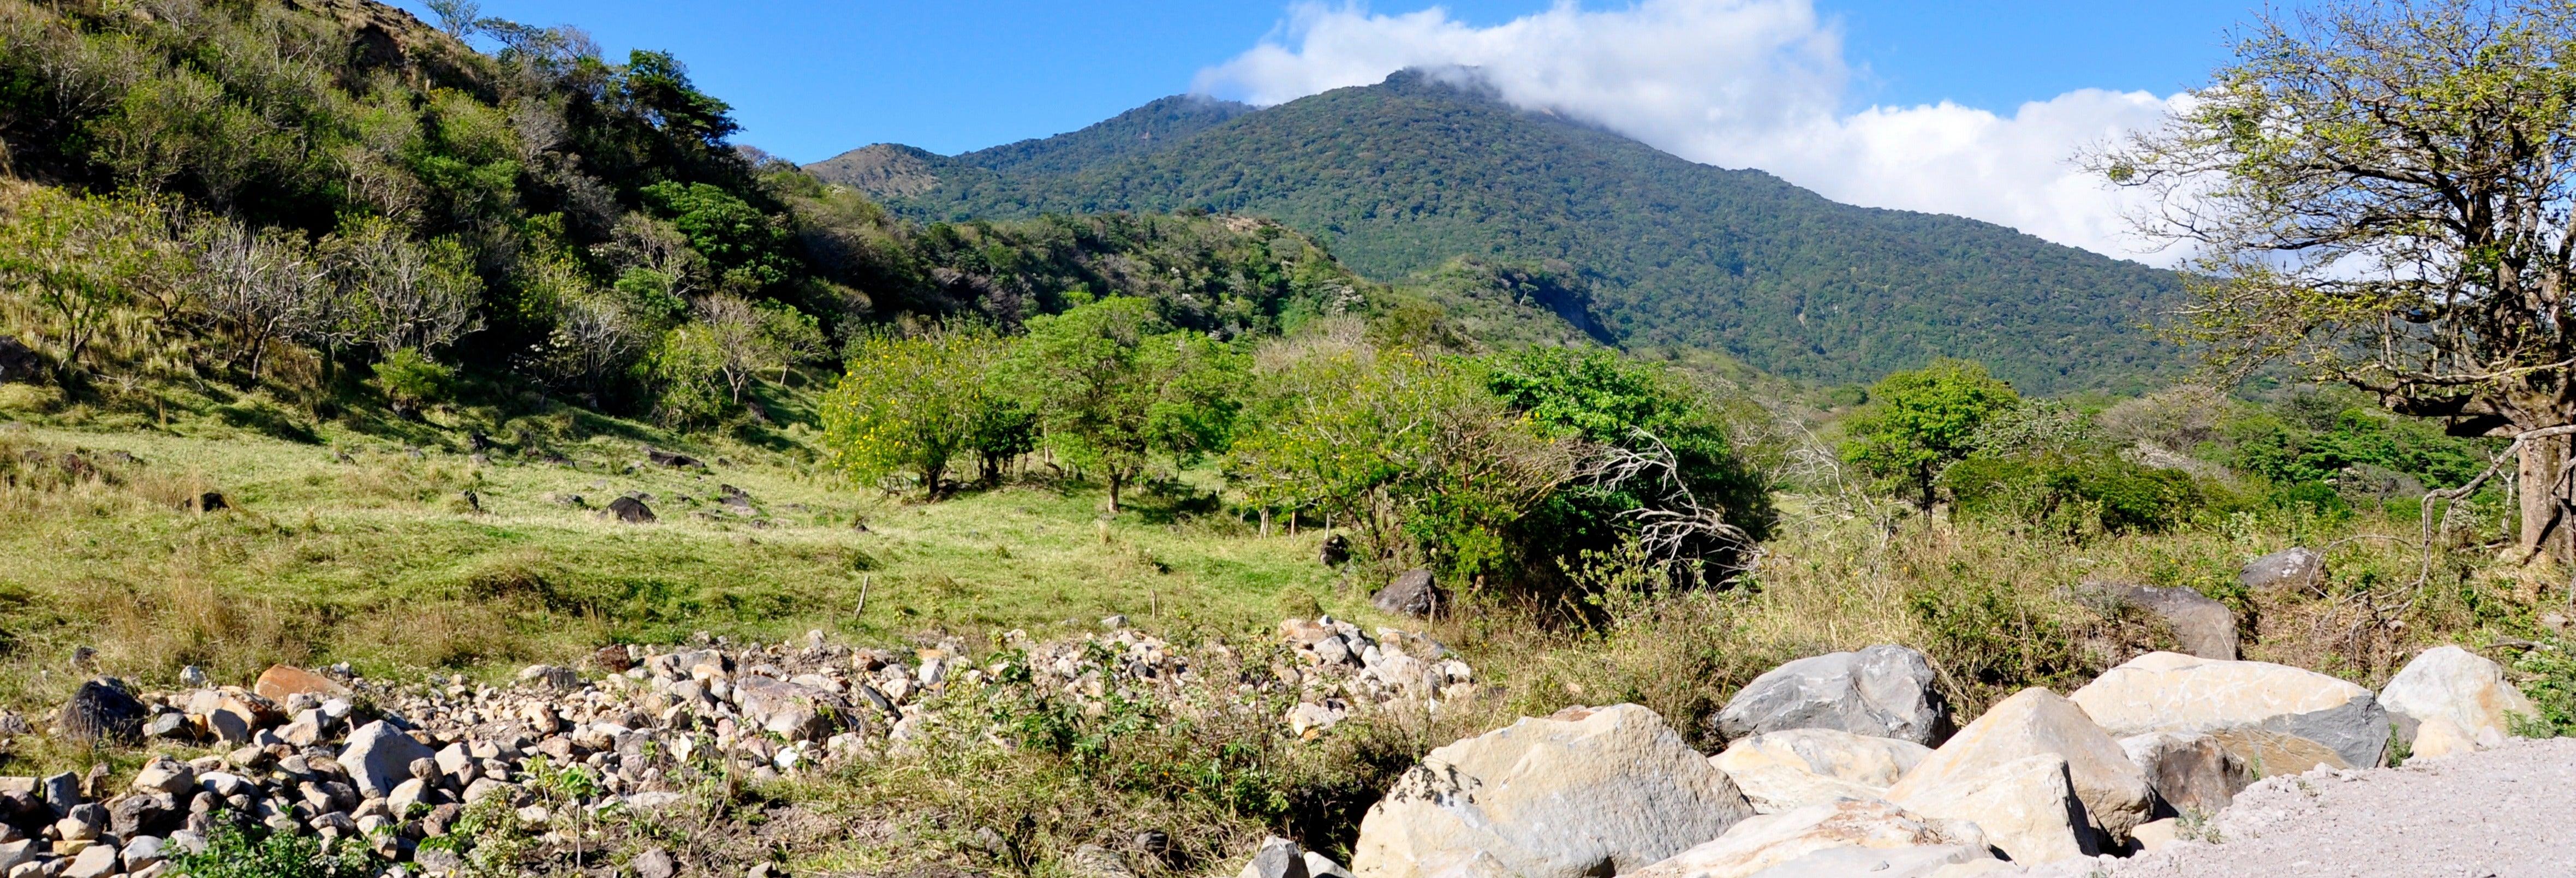 Excursão ao vulcão Miravalles